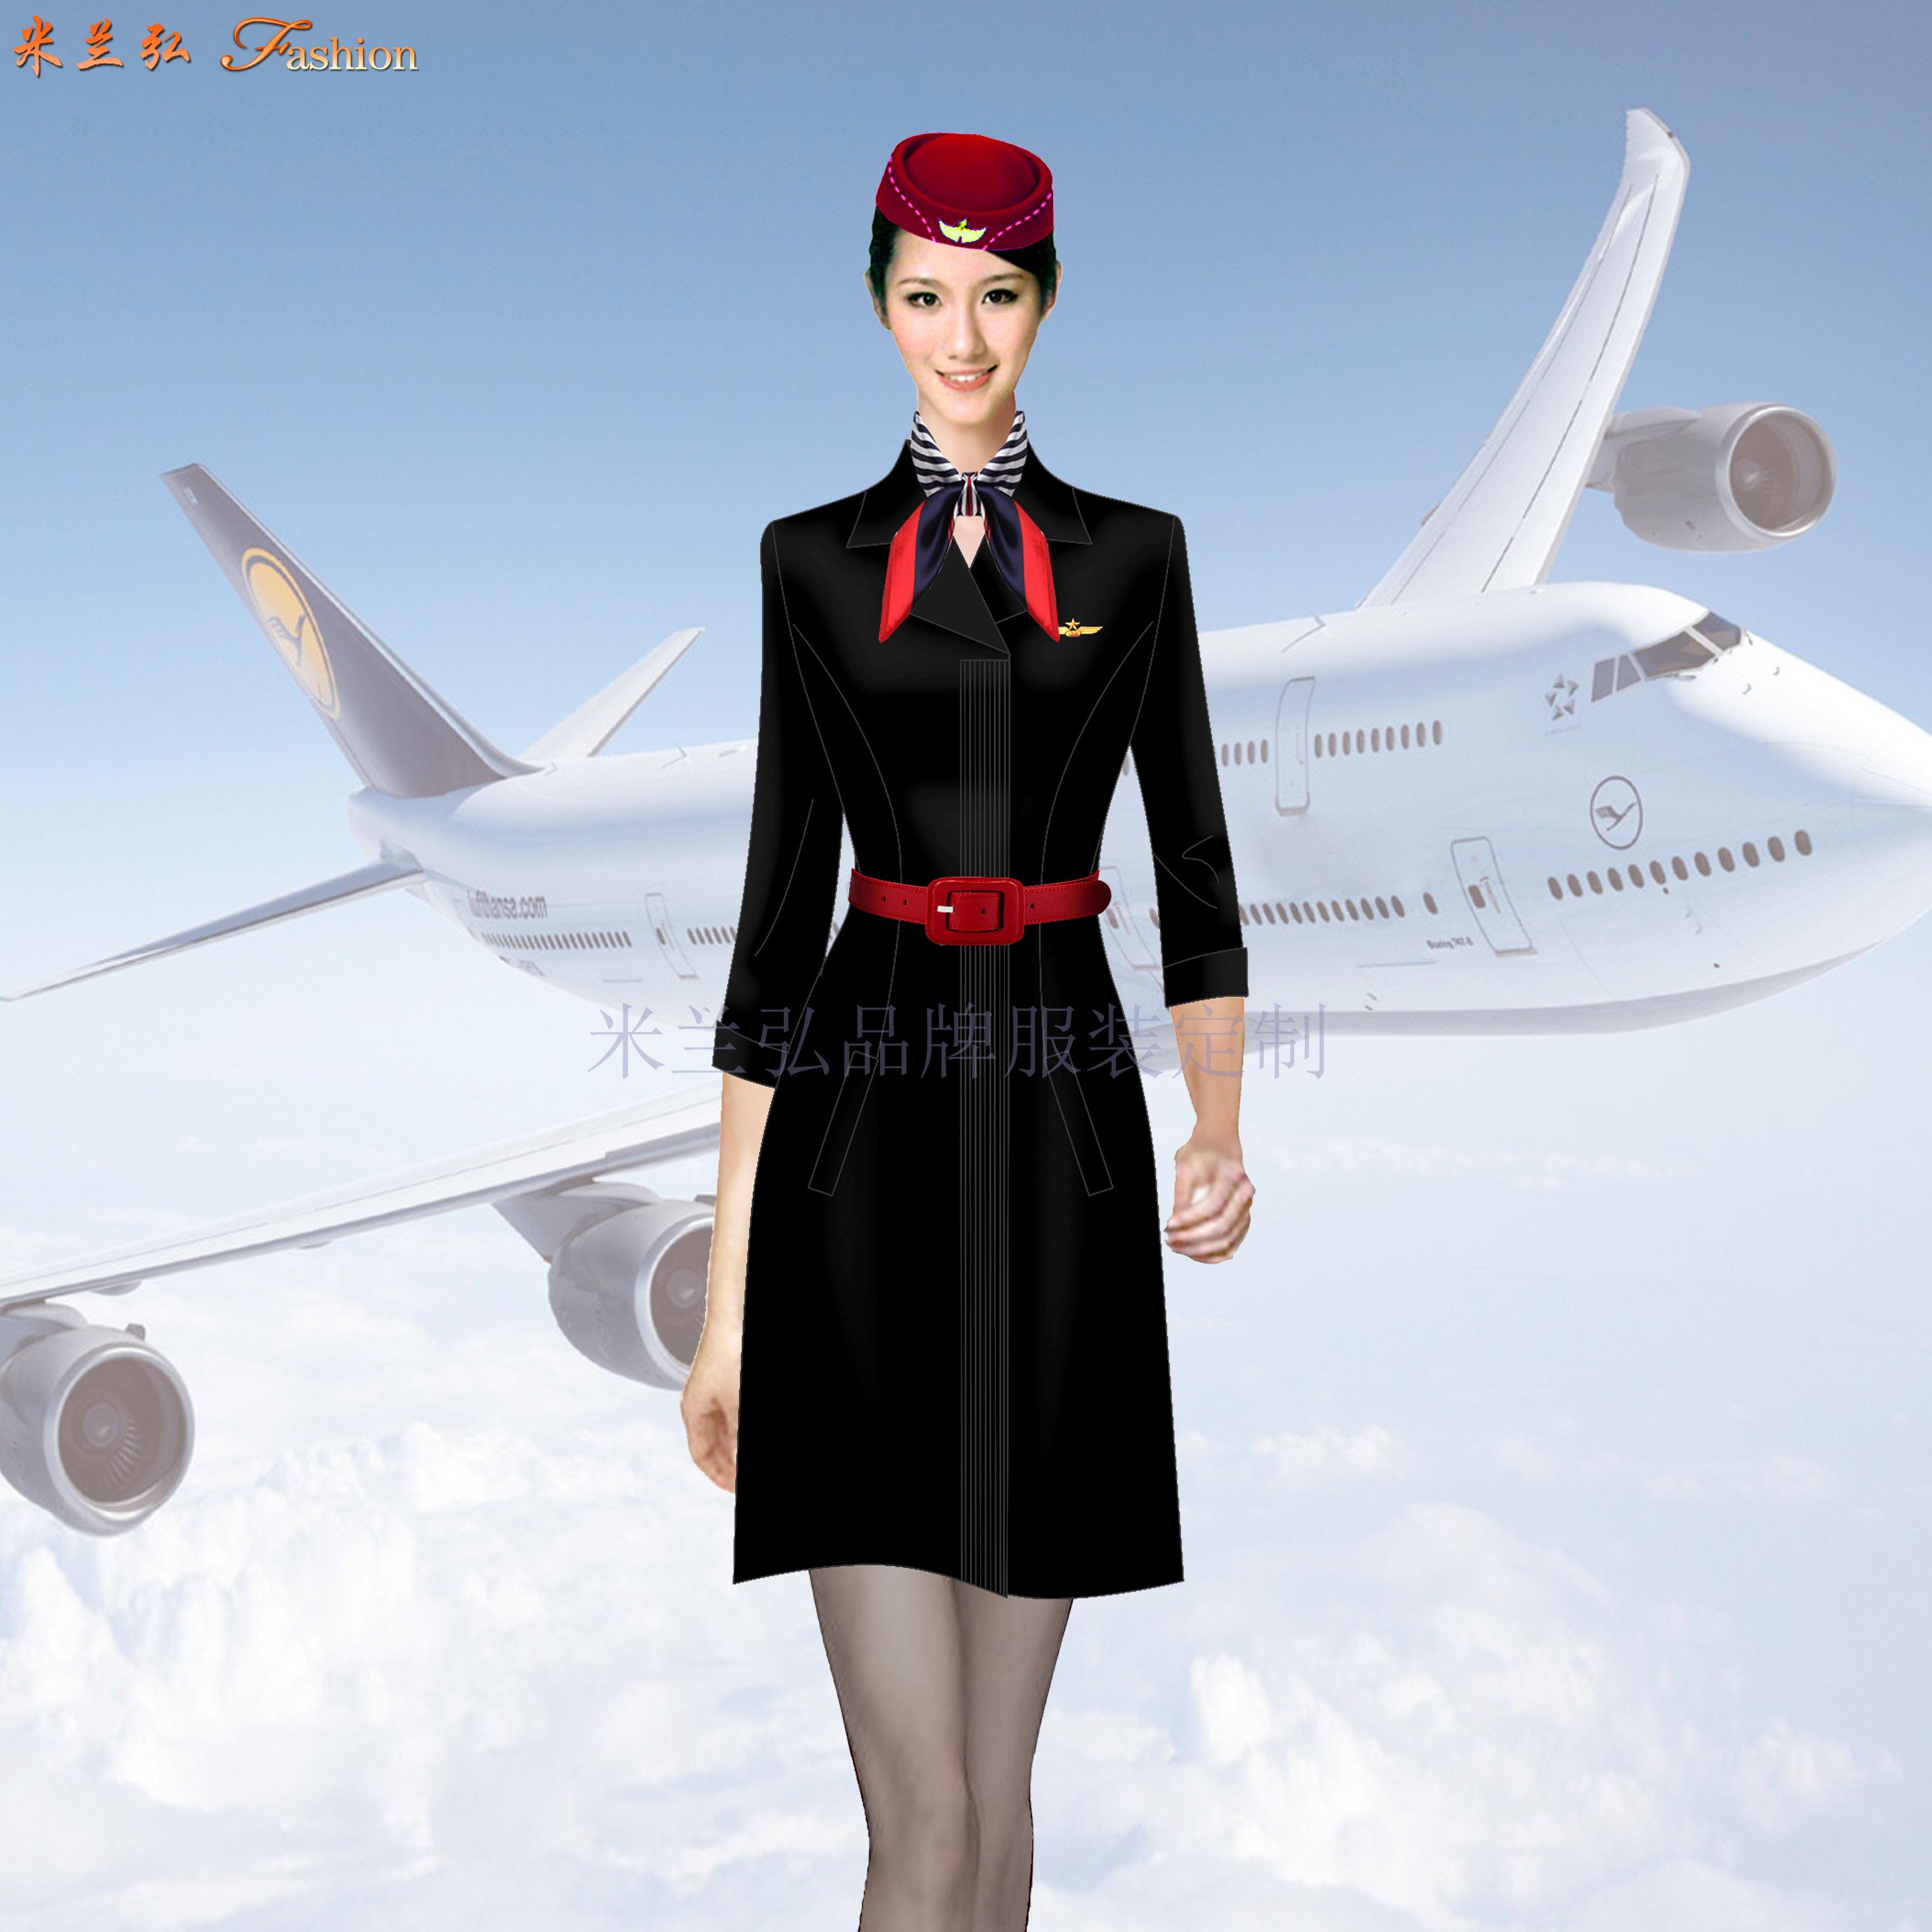 空乘連衣裙_大型航空公司空乘連衣裙定做-米蘭弘服裝廠家-5